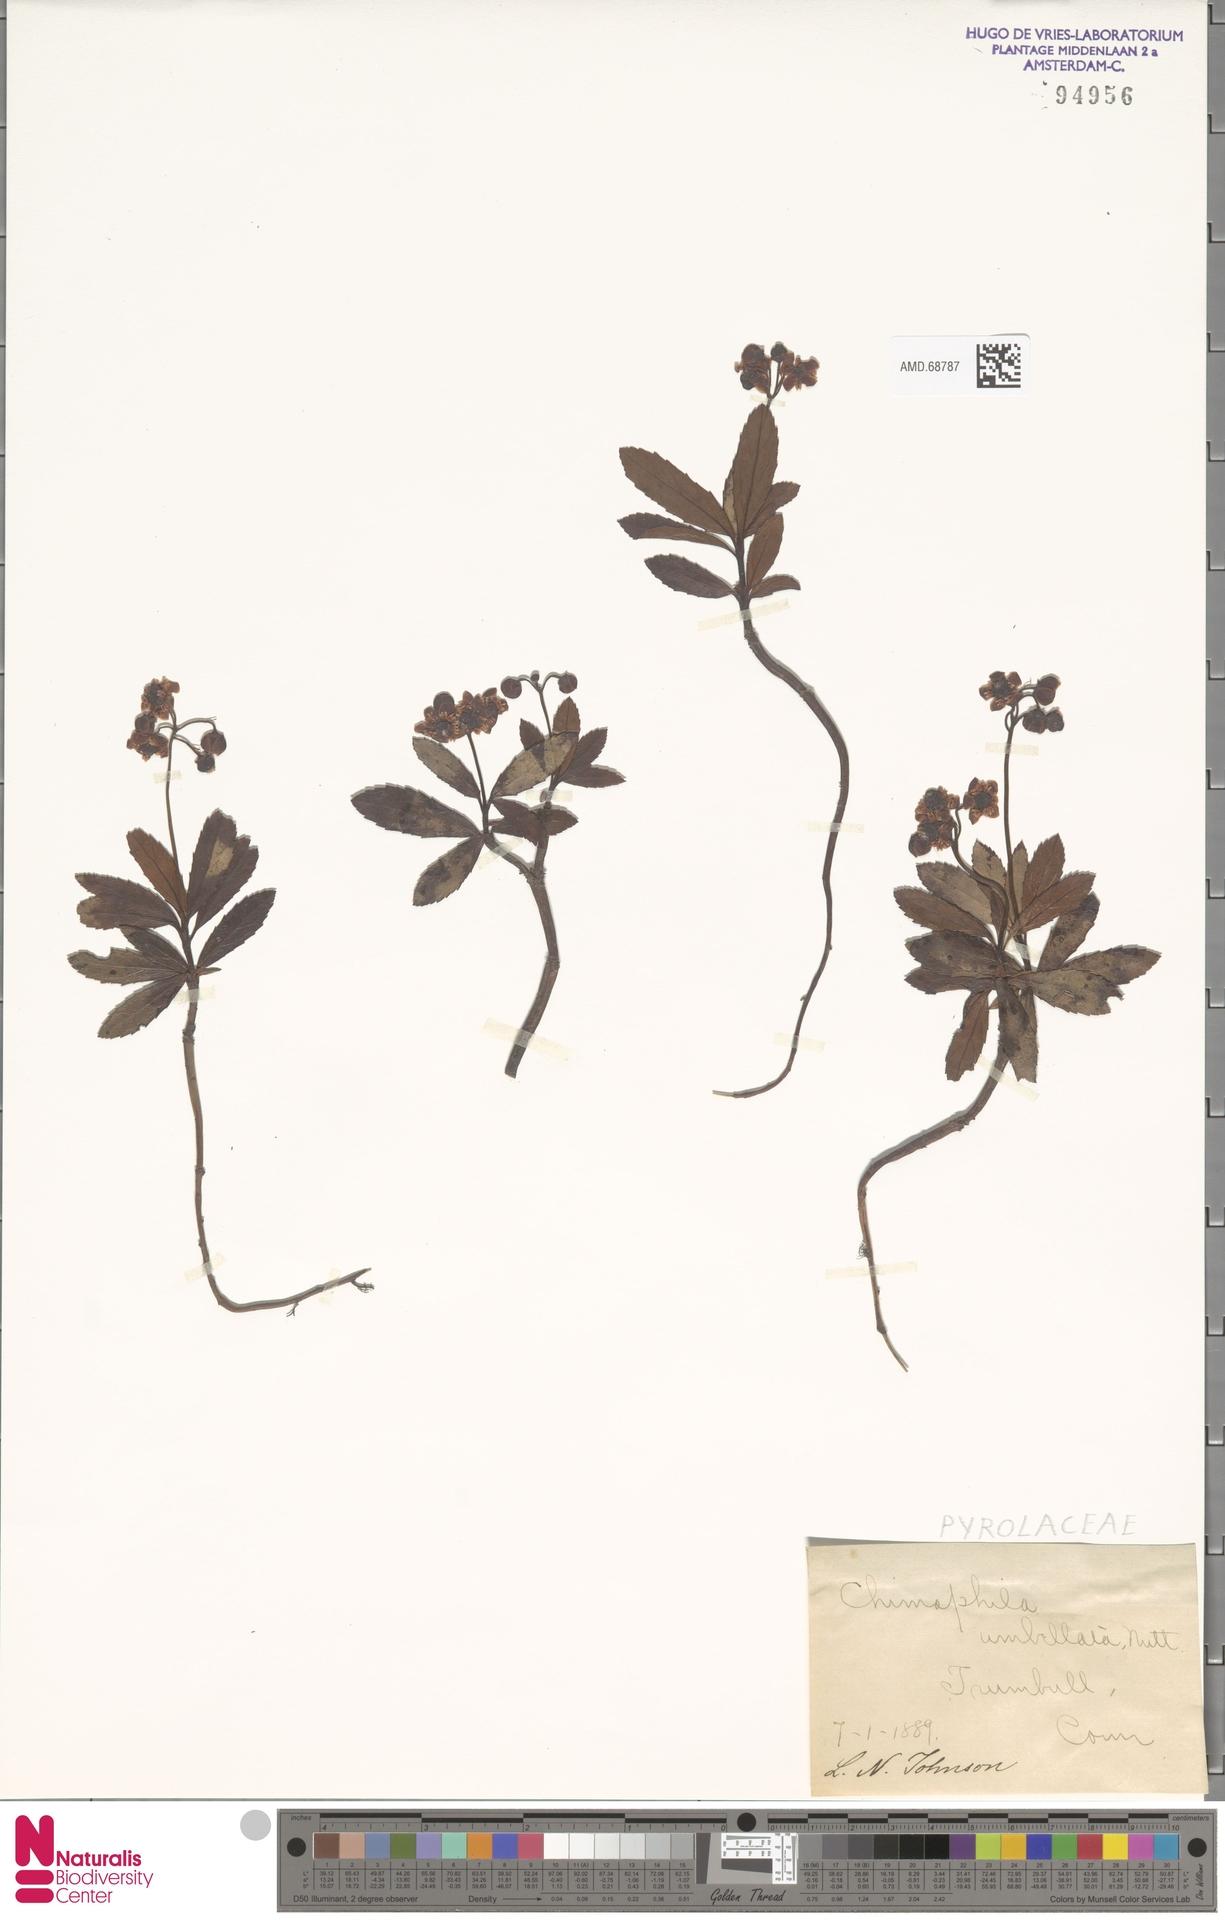 AMD.68787   Chimaphila umbellata (L.) W.C.Barton